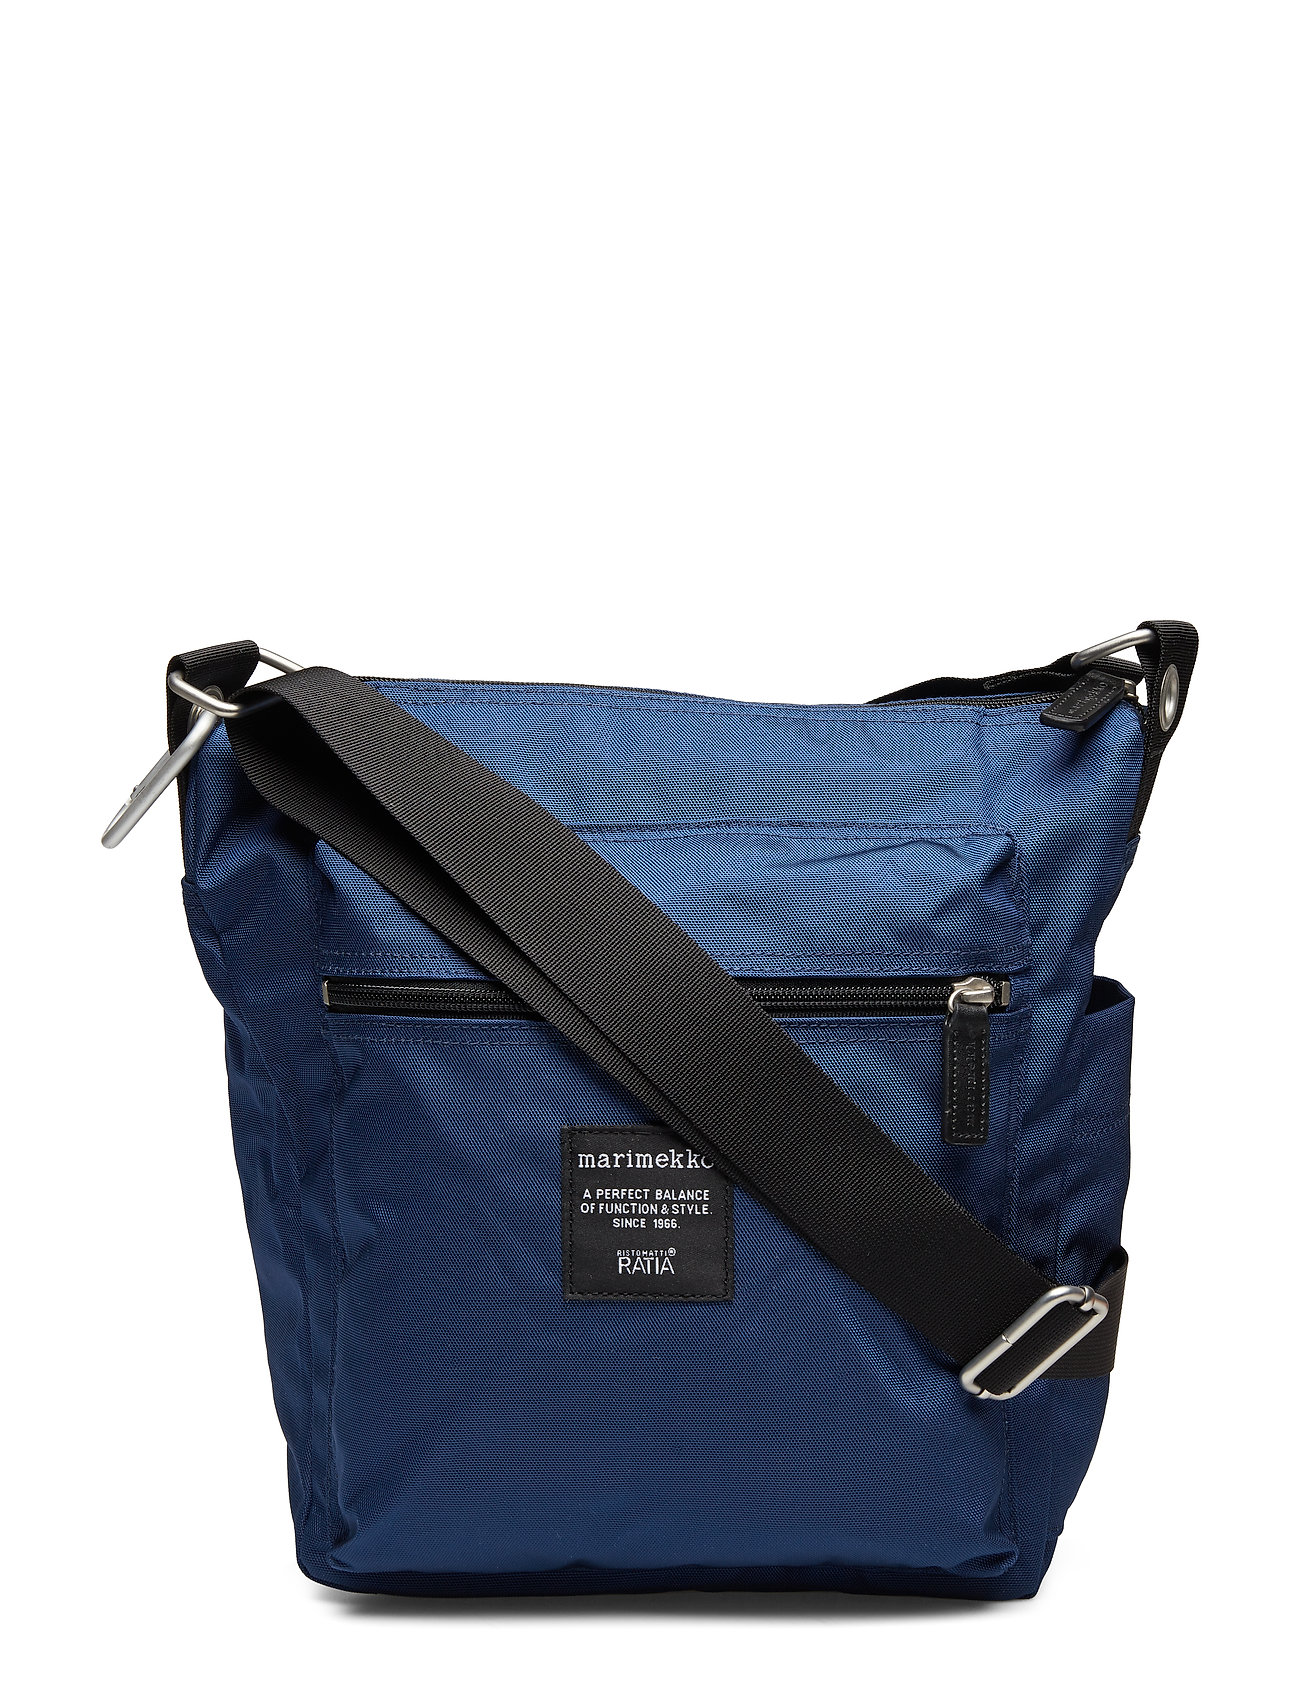 Marimekko PAL Bag